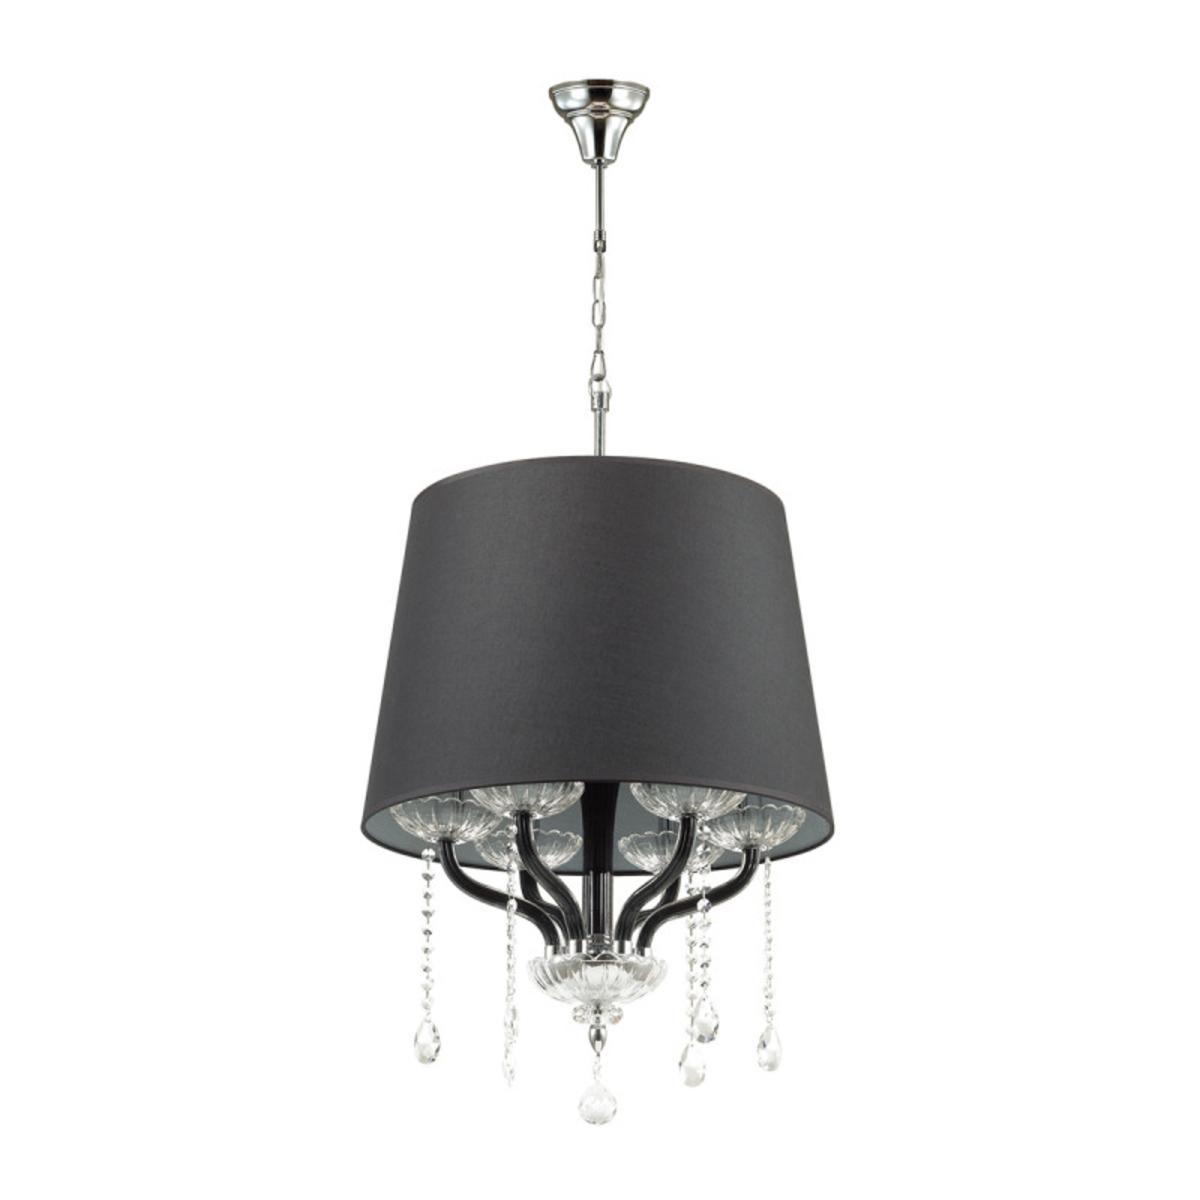 Купить Подвесная люстра TEONA Подвесная люстра Odeon Light 4194/6 (15504), HomeMe